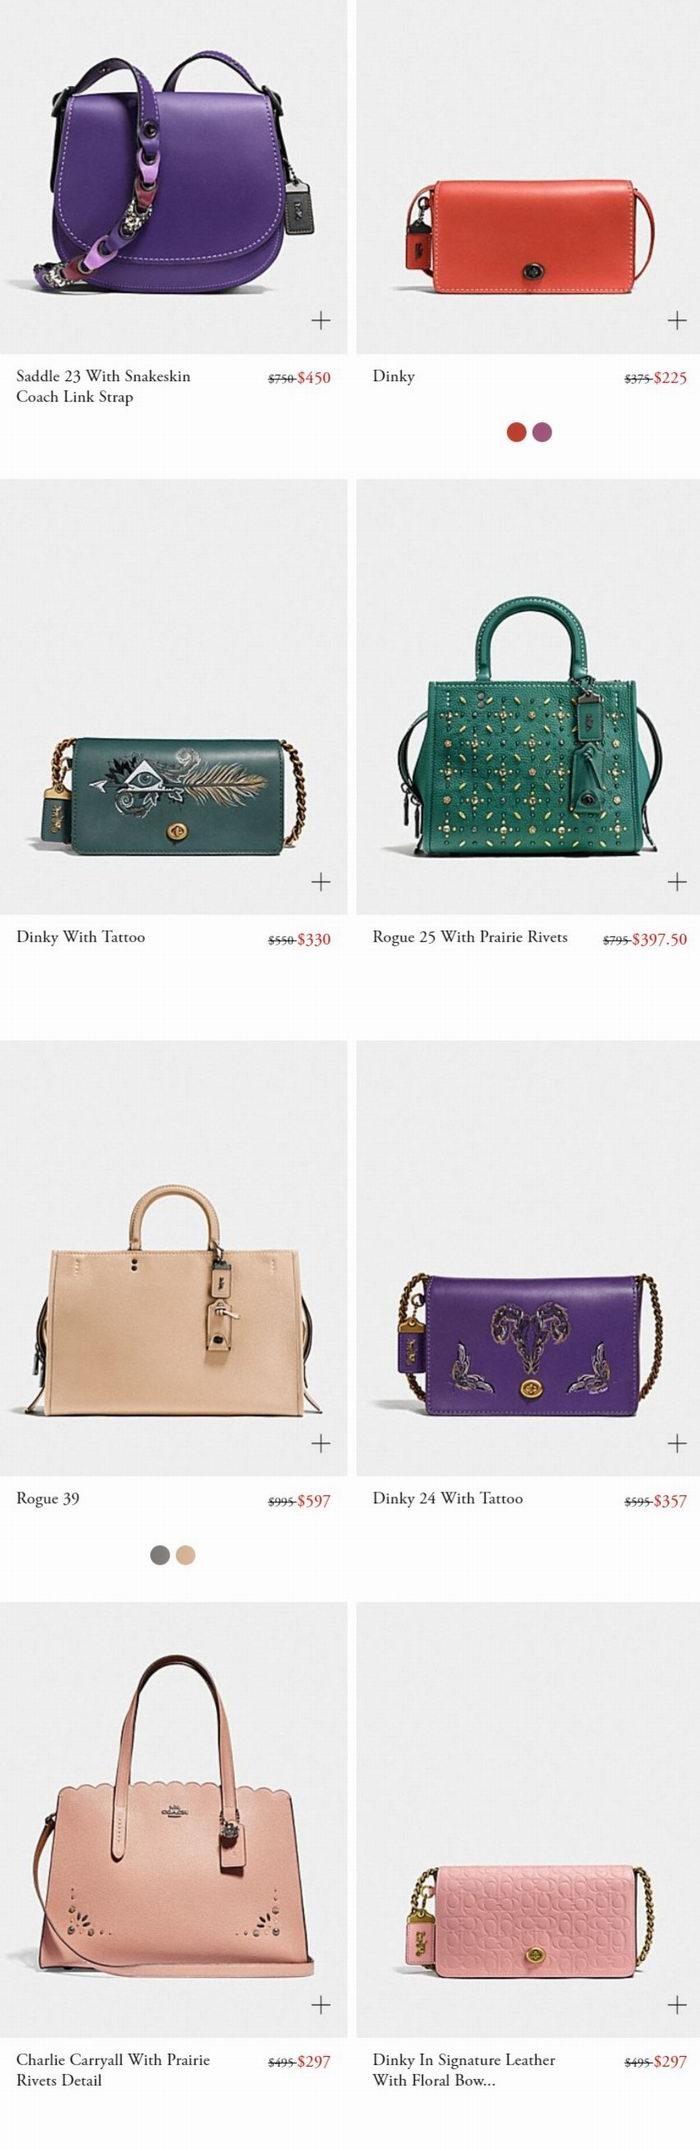 大量新款加入!COACH精选时尚美包、美鞋、美衣3折起优惠,Swagger、山茶花、rogue手袋都打折!